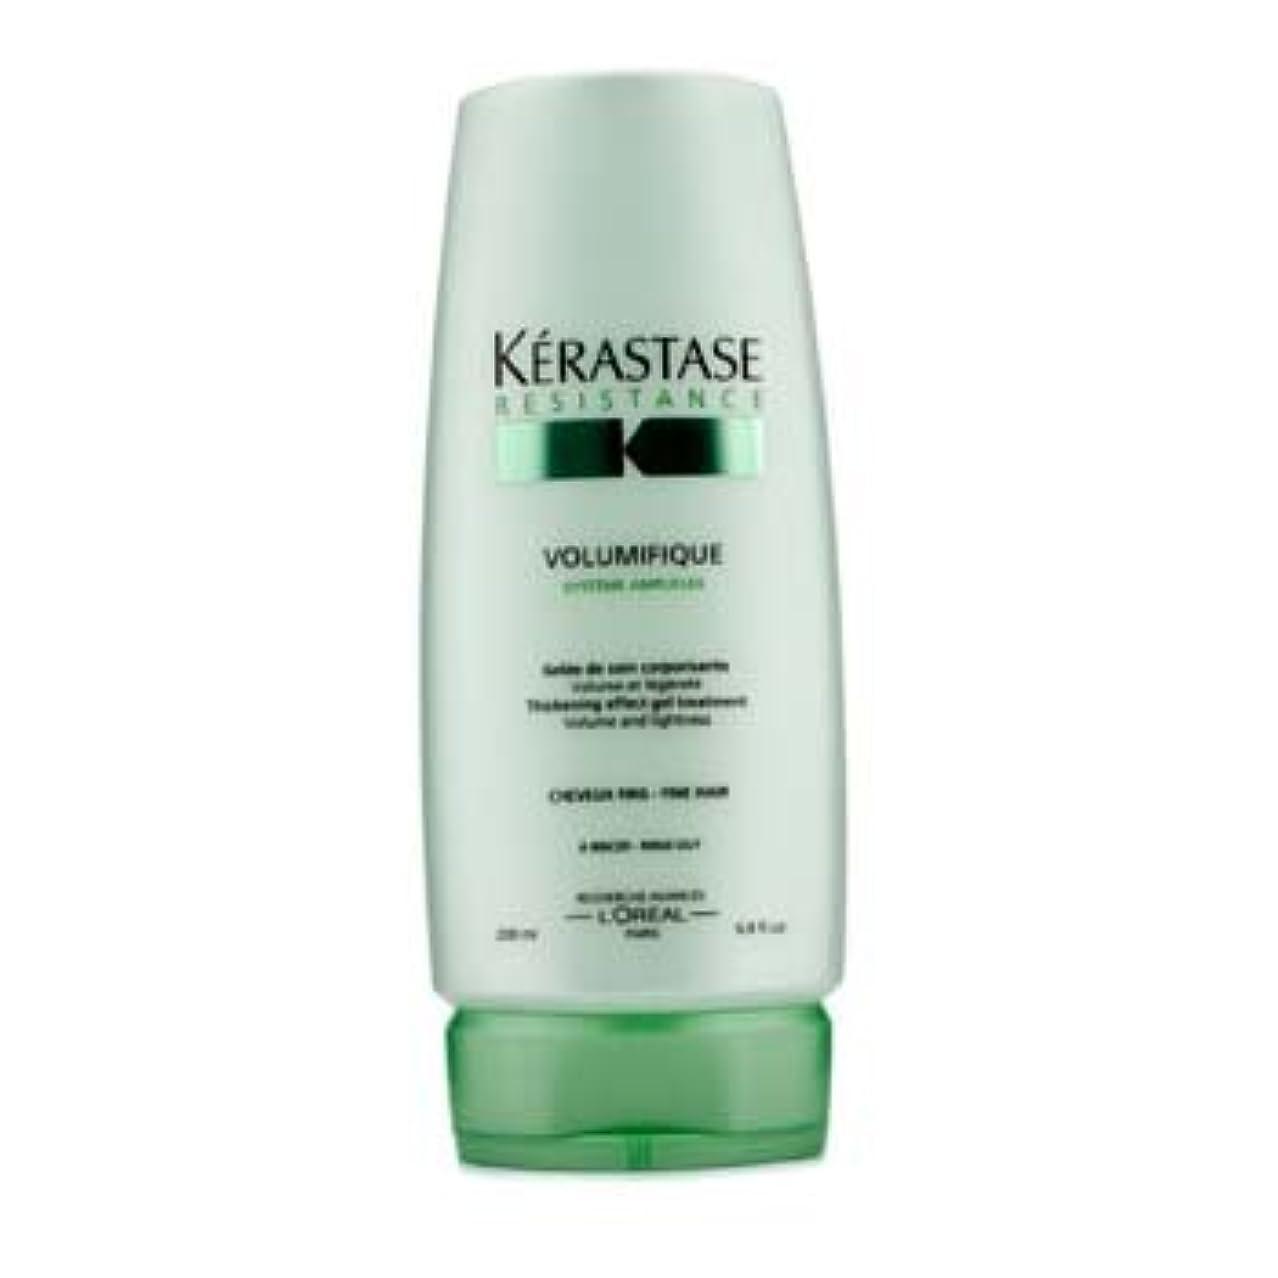 留まるスープ困惑したケラスターゼ Resistance Volumifique Thickening Effect Gel Treatment (For Fine Hair) 200ml/6.8oz並行輸入品